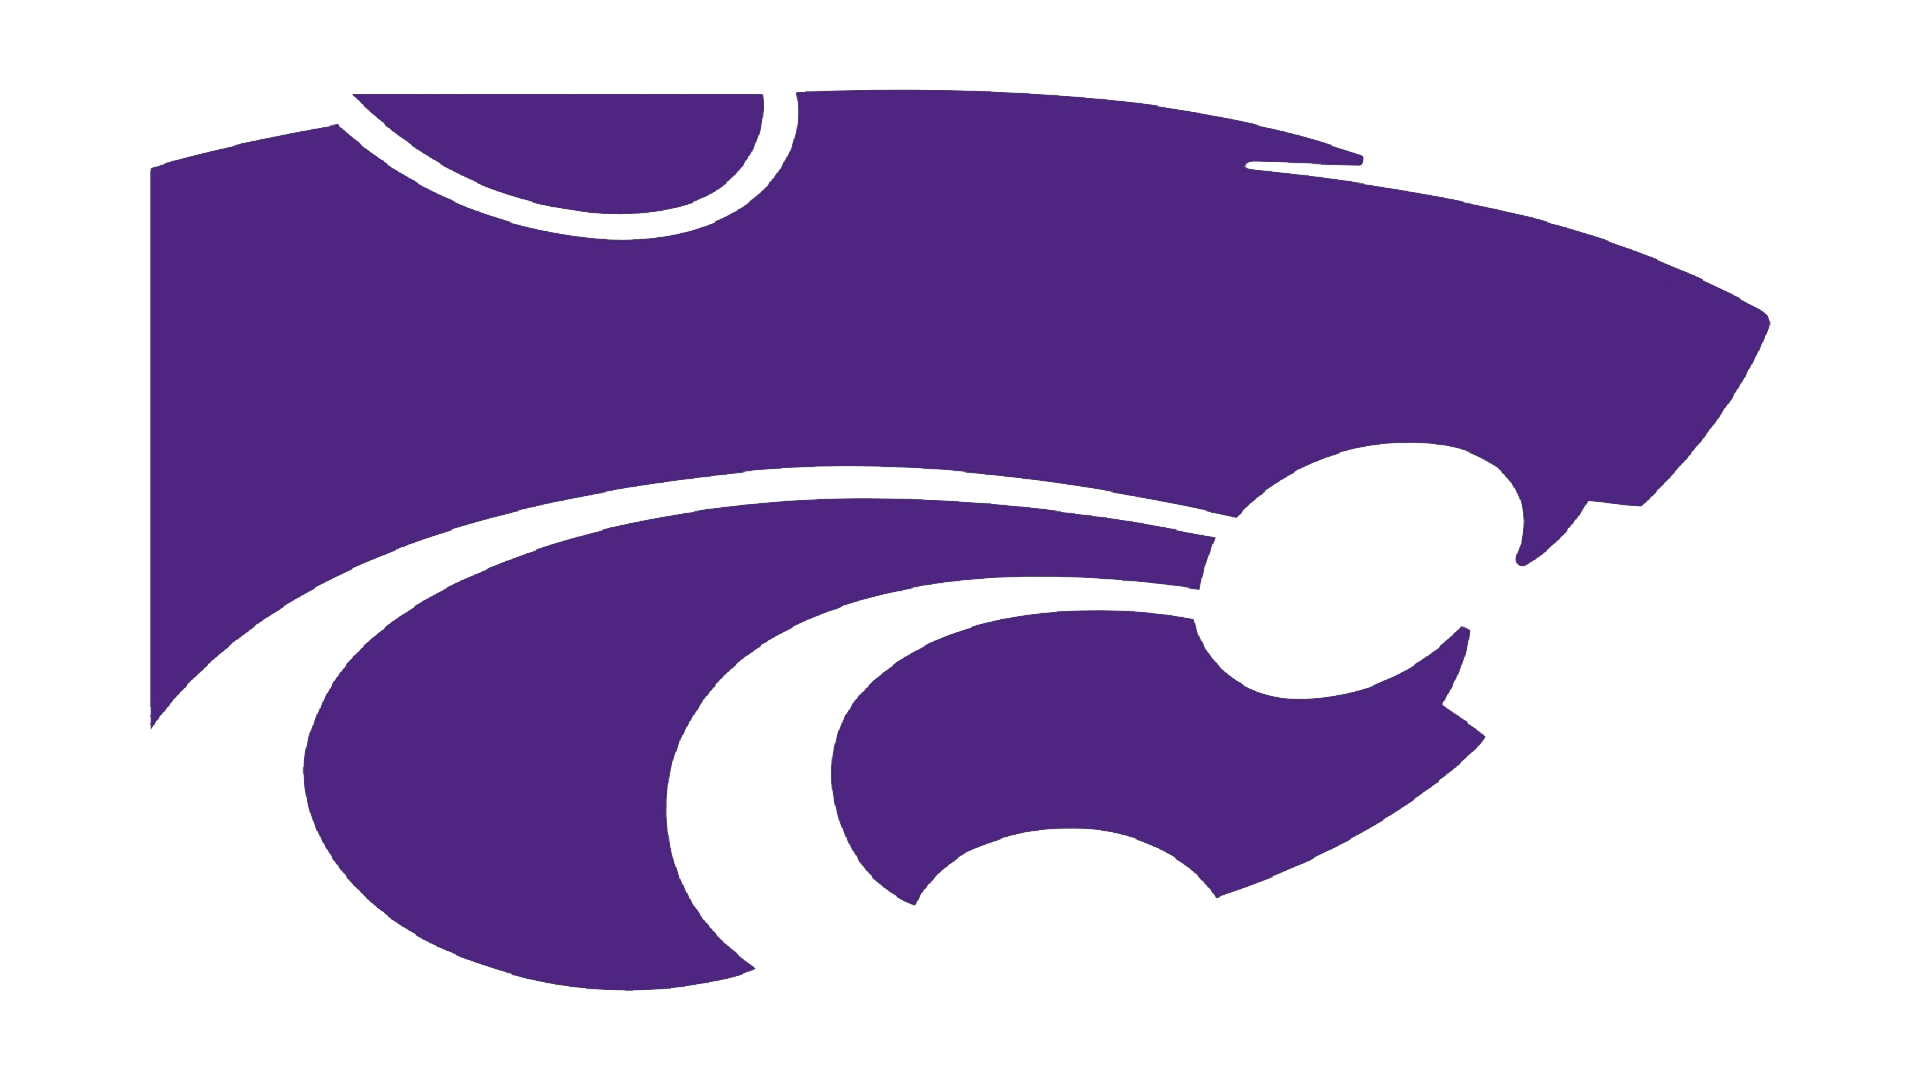 Wildcat baseball clipart download The El Dorado Wildcats - ScoreStream download